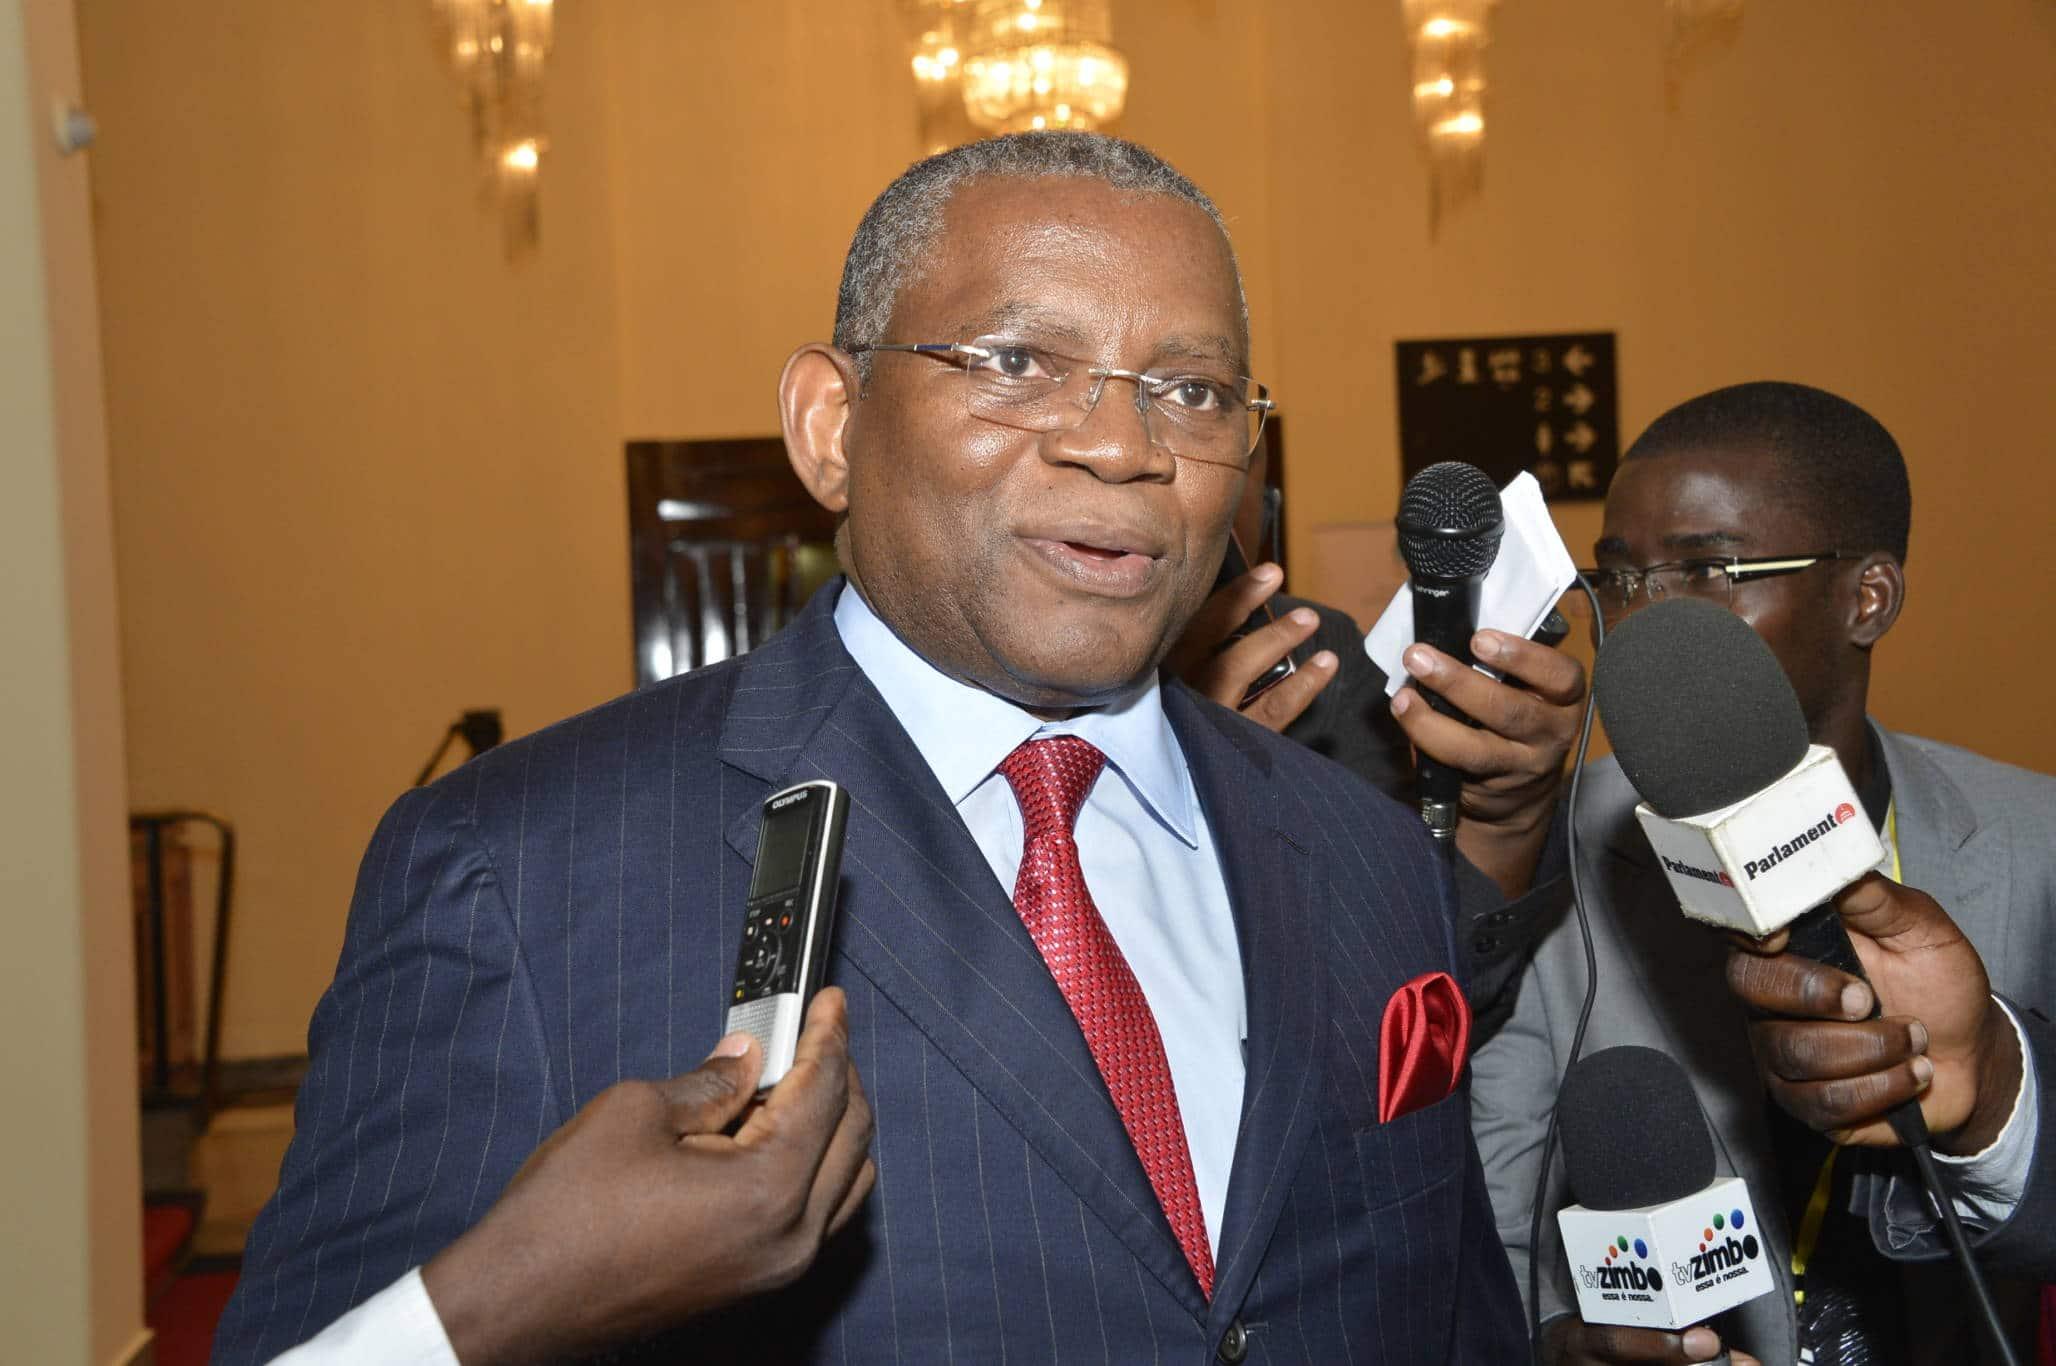 - george chicote ministro das relaoes exterior - Georges Chikoti é candidato para Secretário-Geral do Grupo de países da África, Caraibas e Pacífico